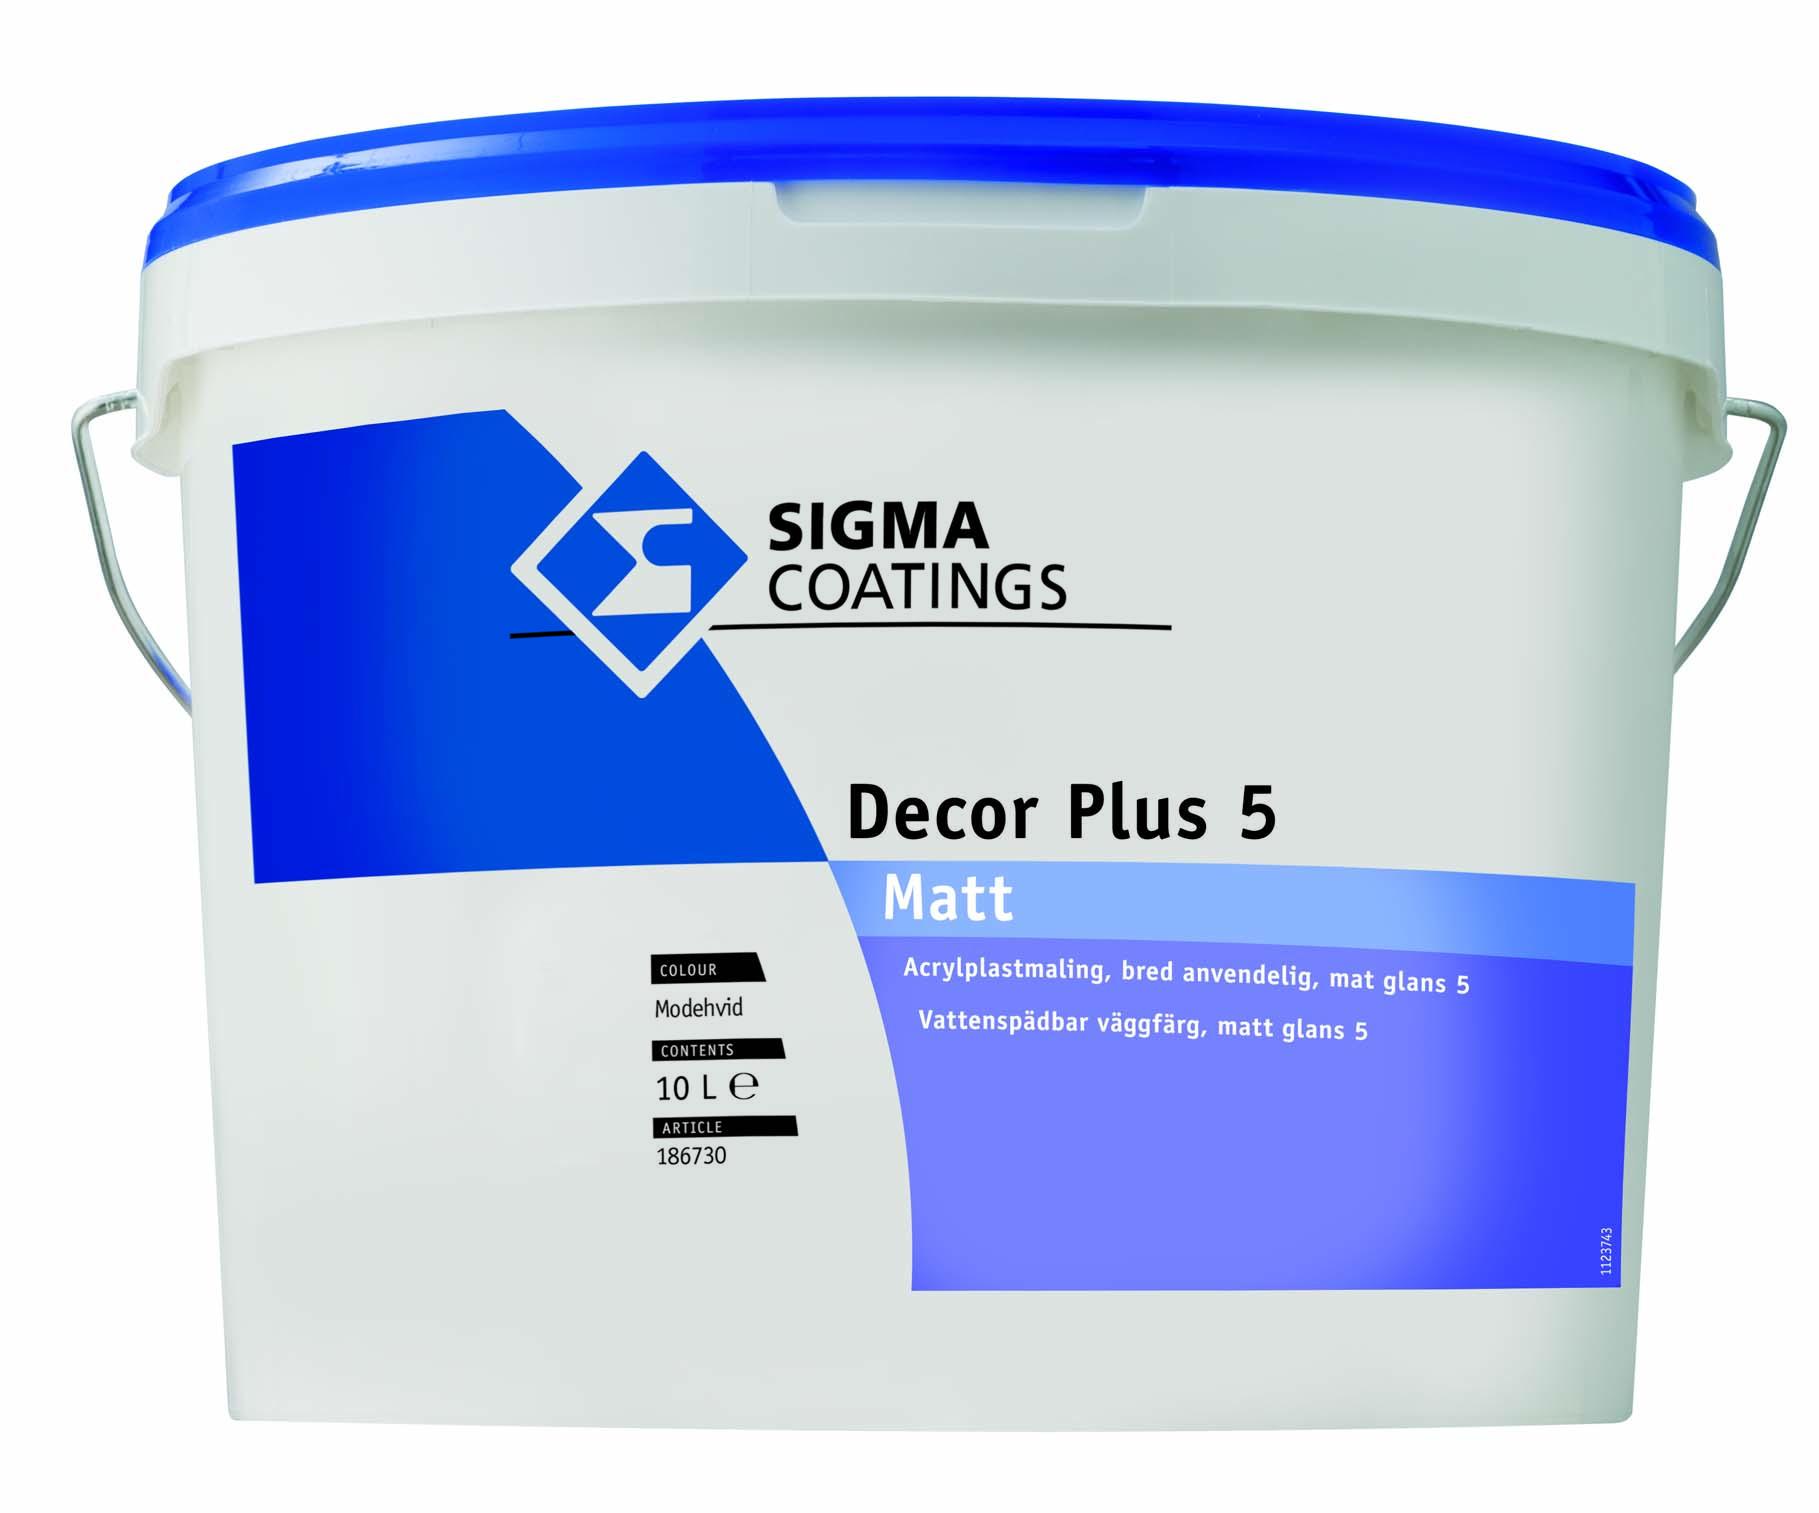 Decor Plus 5